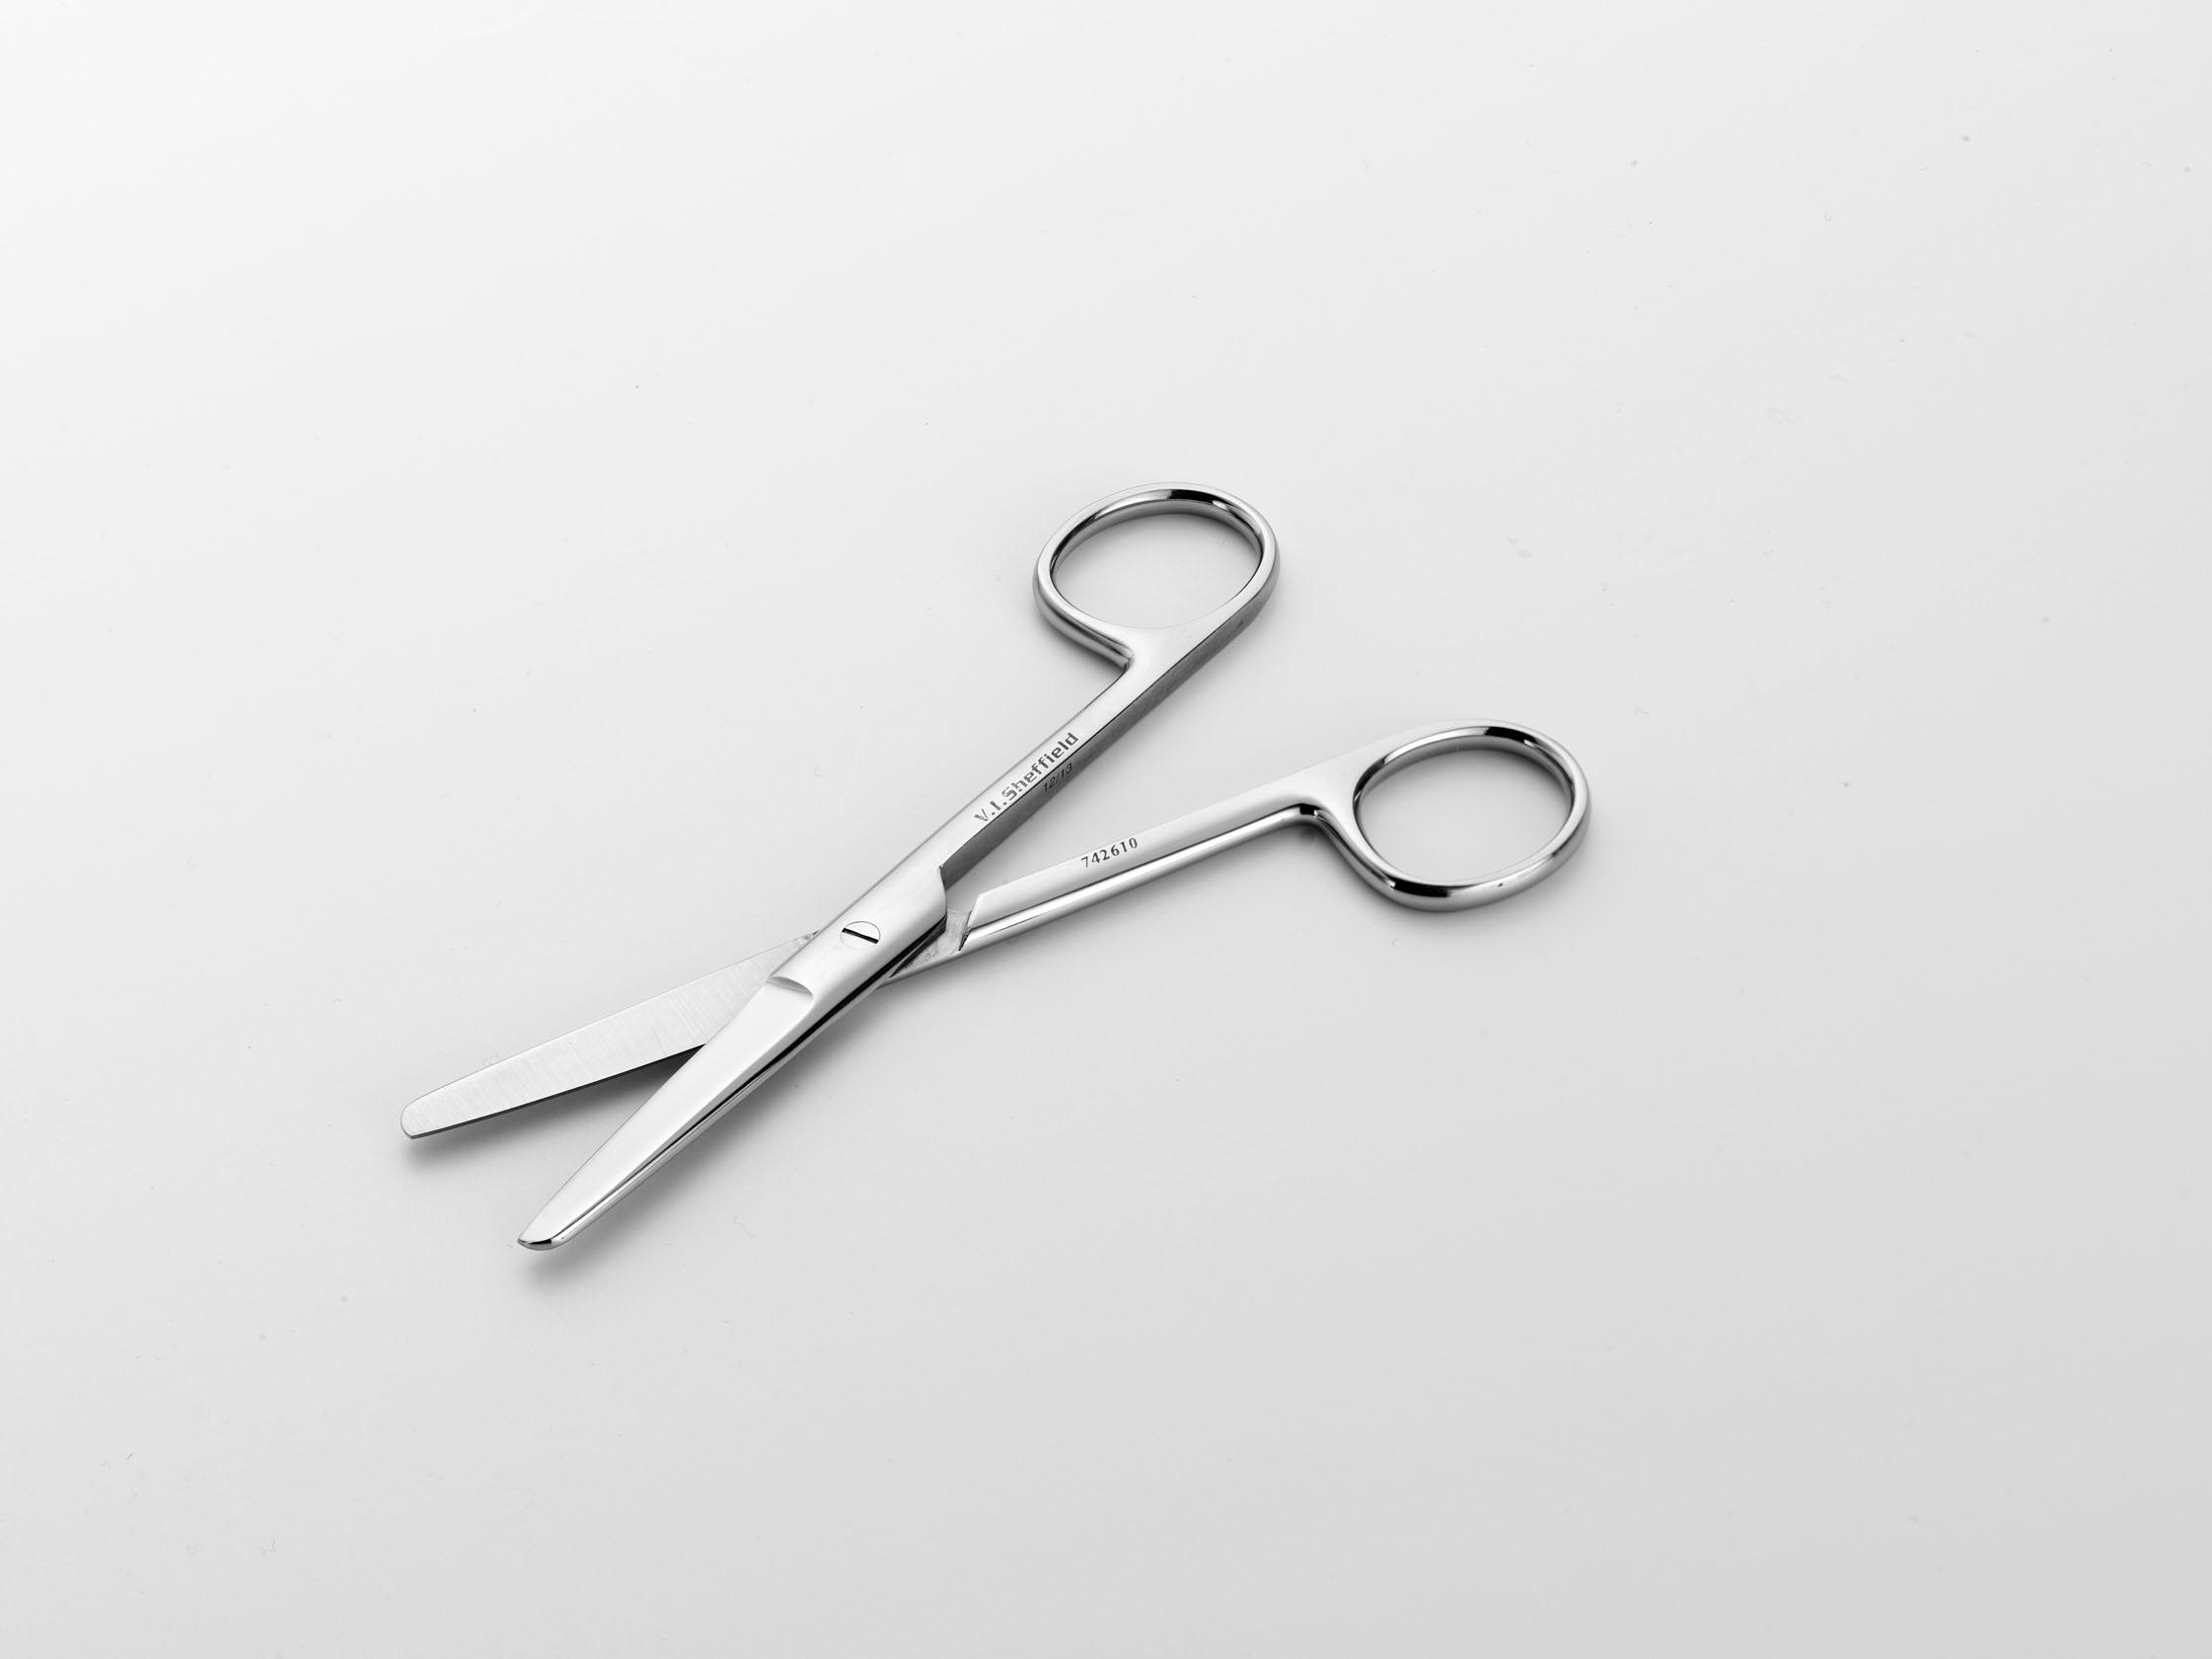 General Scissors